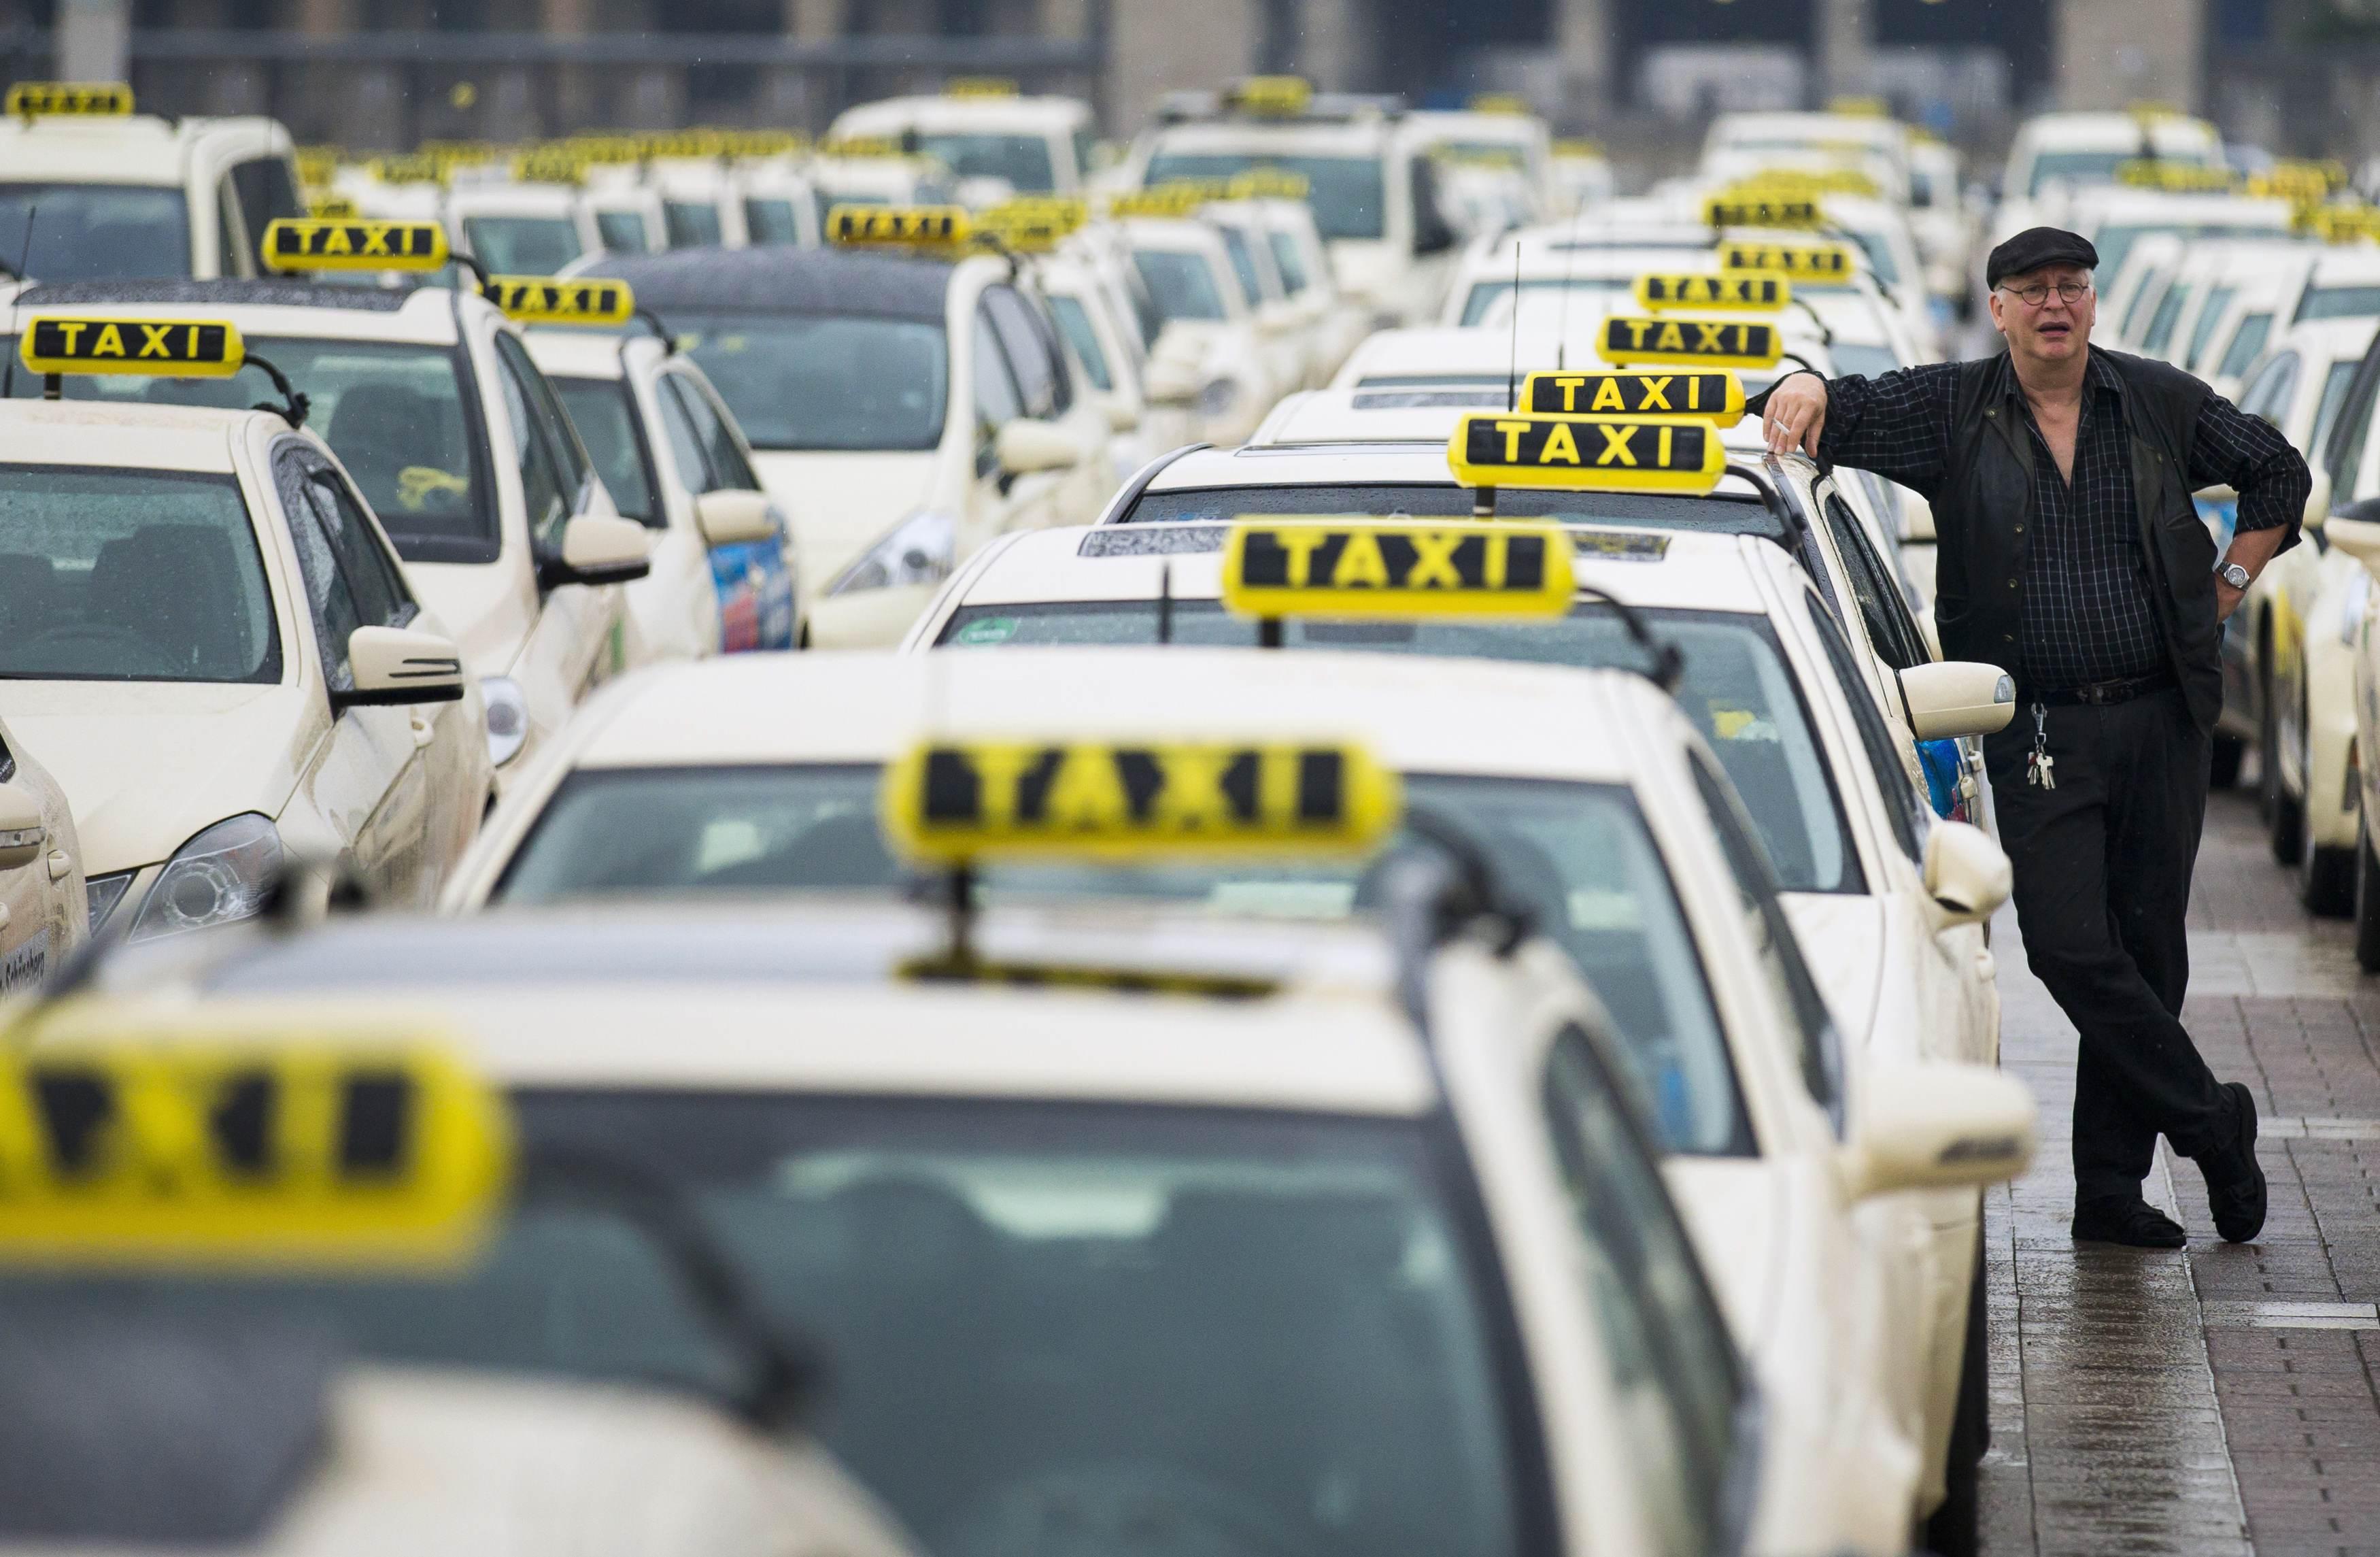 В Российской Федерации посоветовали лицензировать водителей такси ради безопасности пассажиров